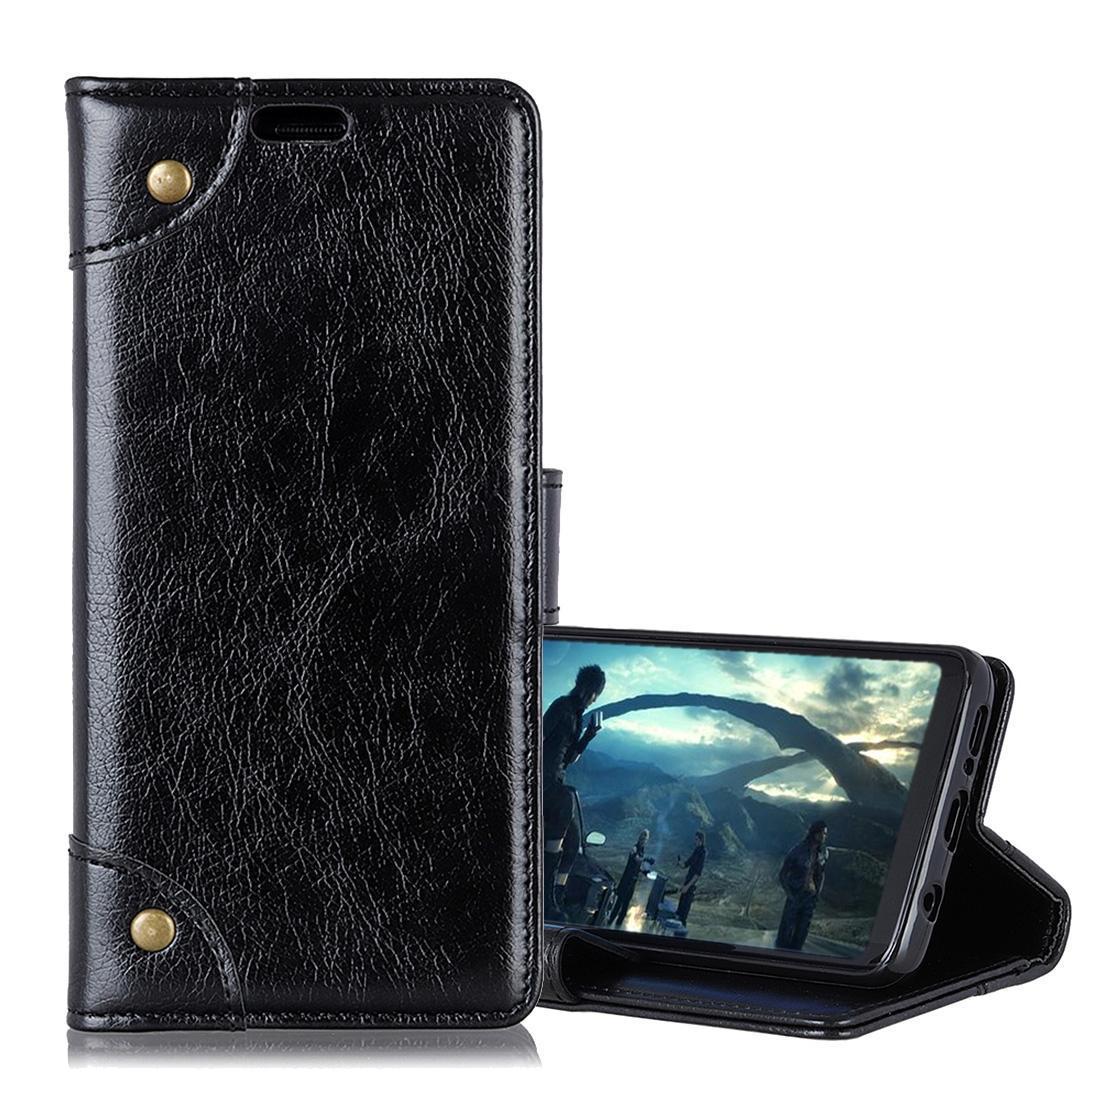 Hebilla de cobre Nappa Textura Horizontal Flip funda de cuero para Huawei compañero Lite 20, con el titular de la tarjeta Monedero ranuras